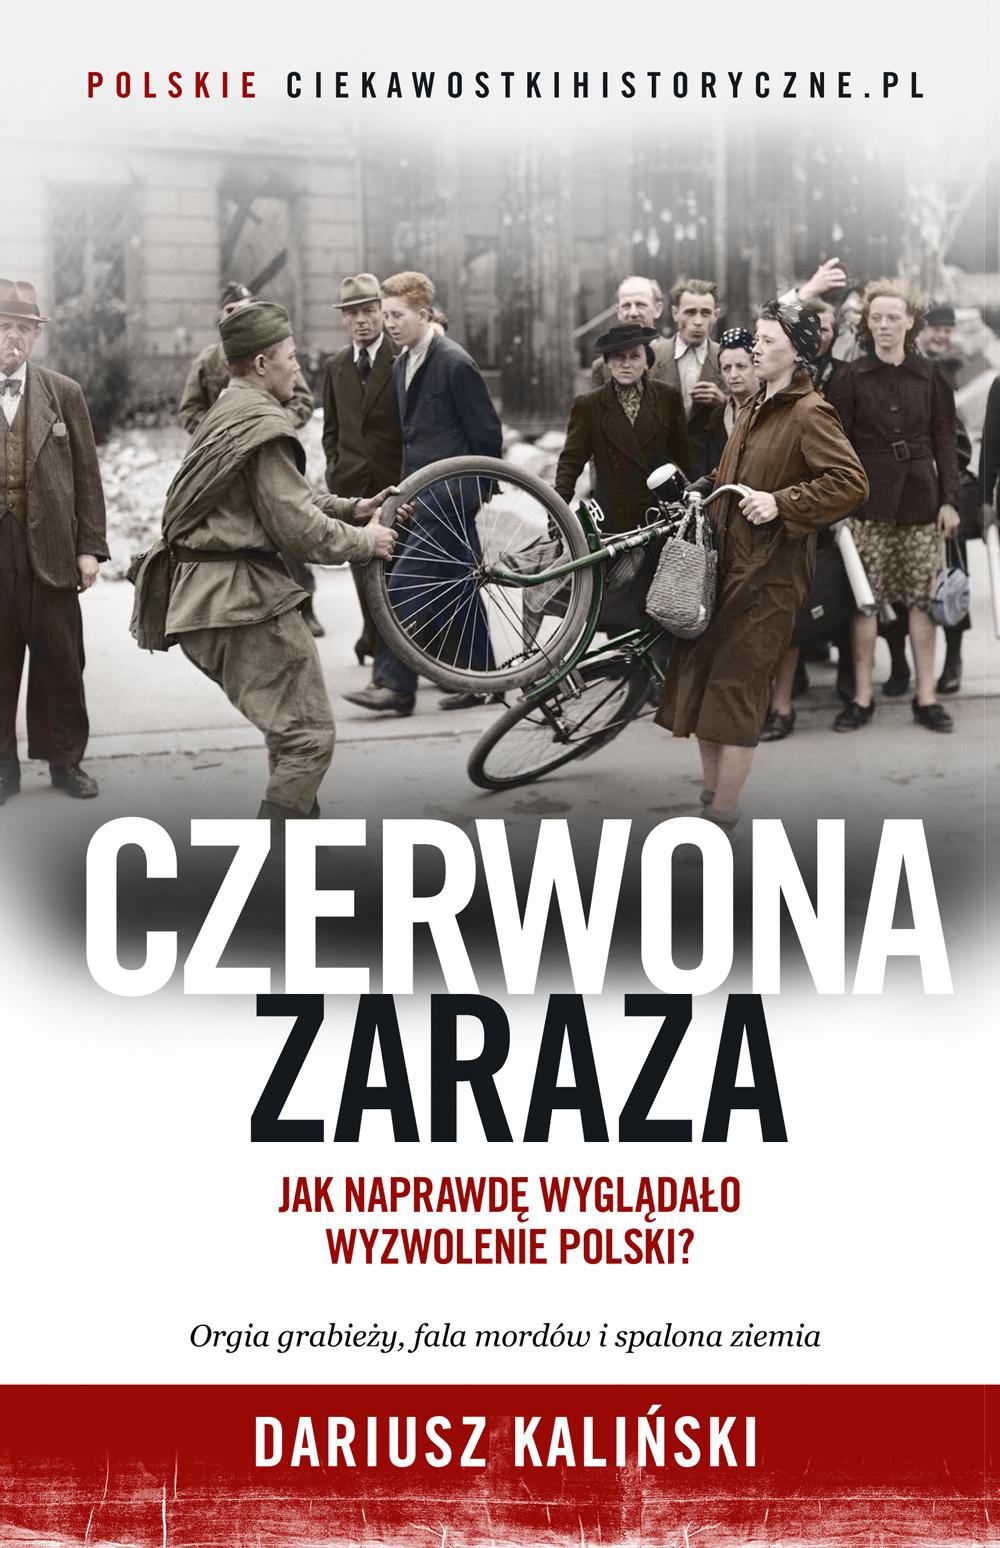 https://krzysztofkopec.pl/wp-content/uploads/Kalinski_Czerwona-zaraza.jpg